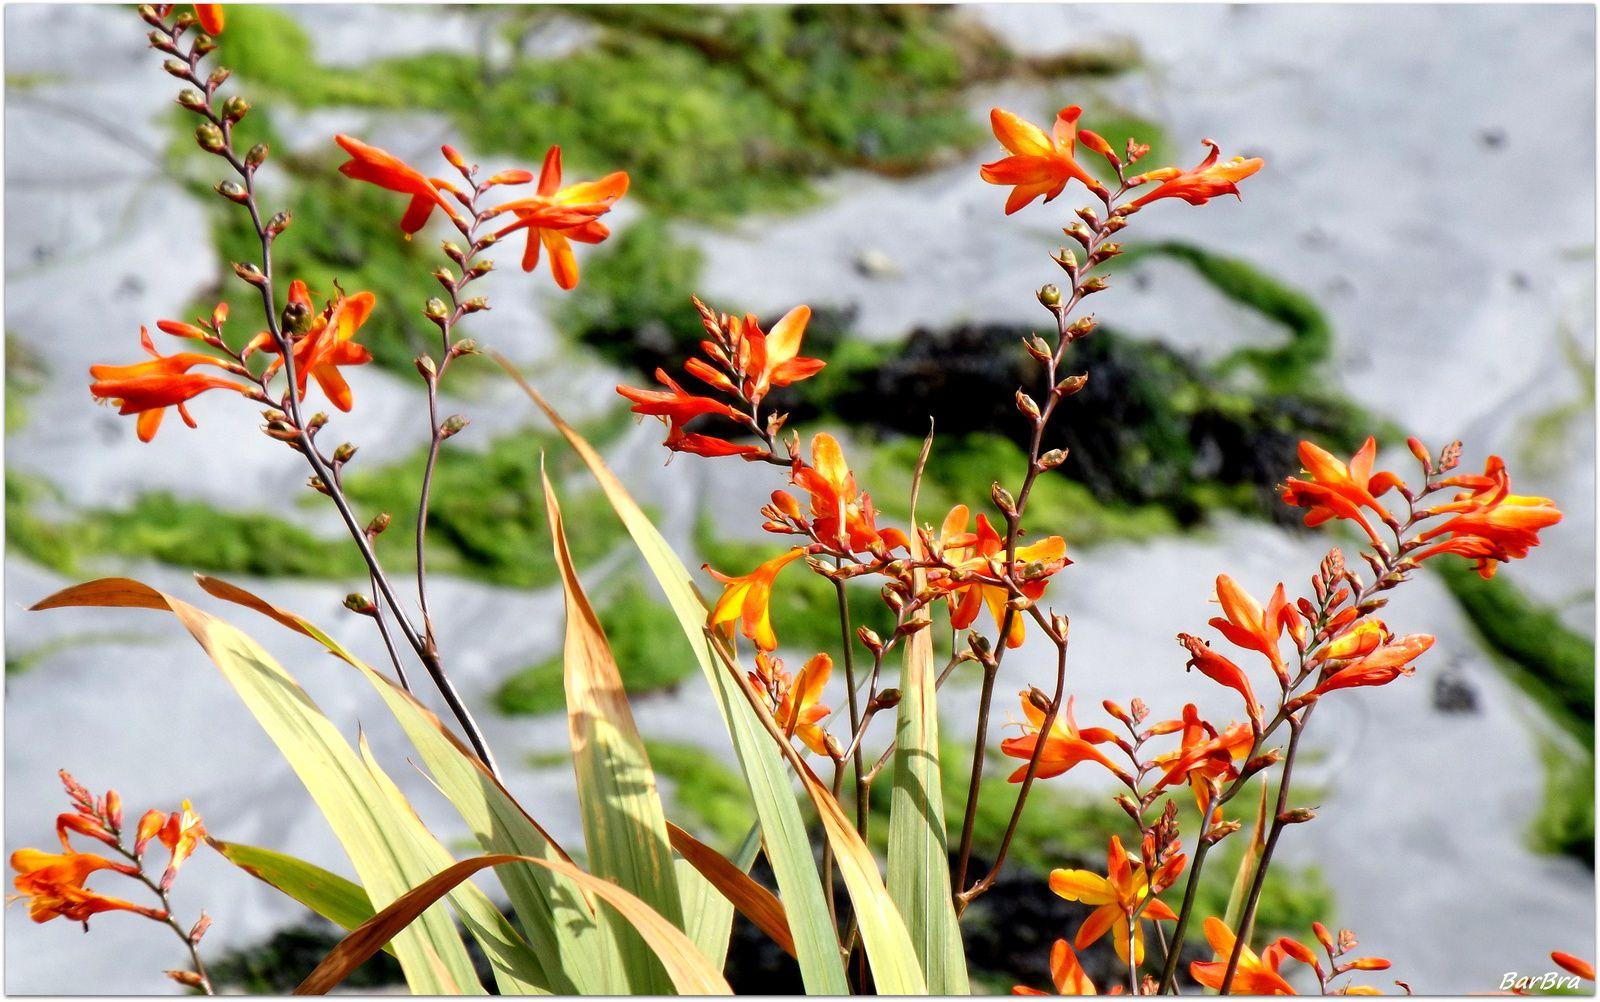 che sottolinea l'odore di zafferano emanato dalle sue foglie secche bagnate dall'acqua: CROCOSMIA